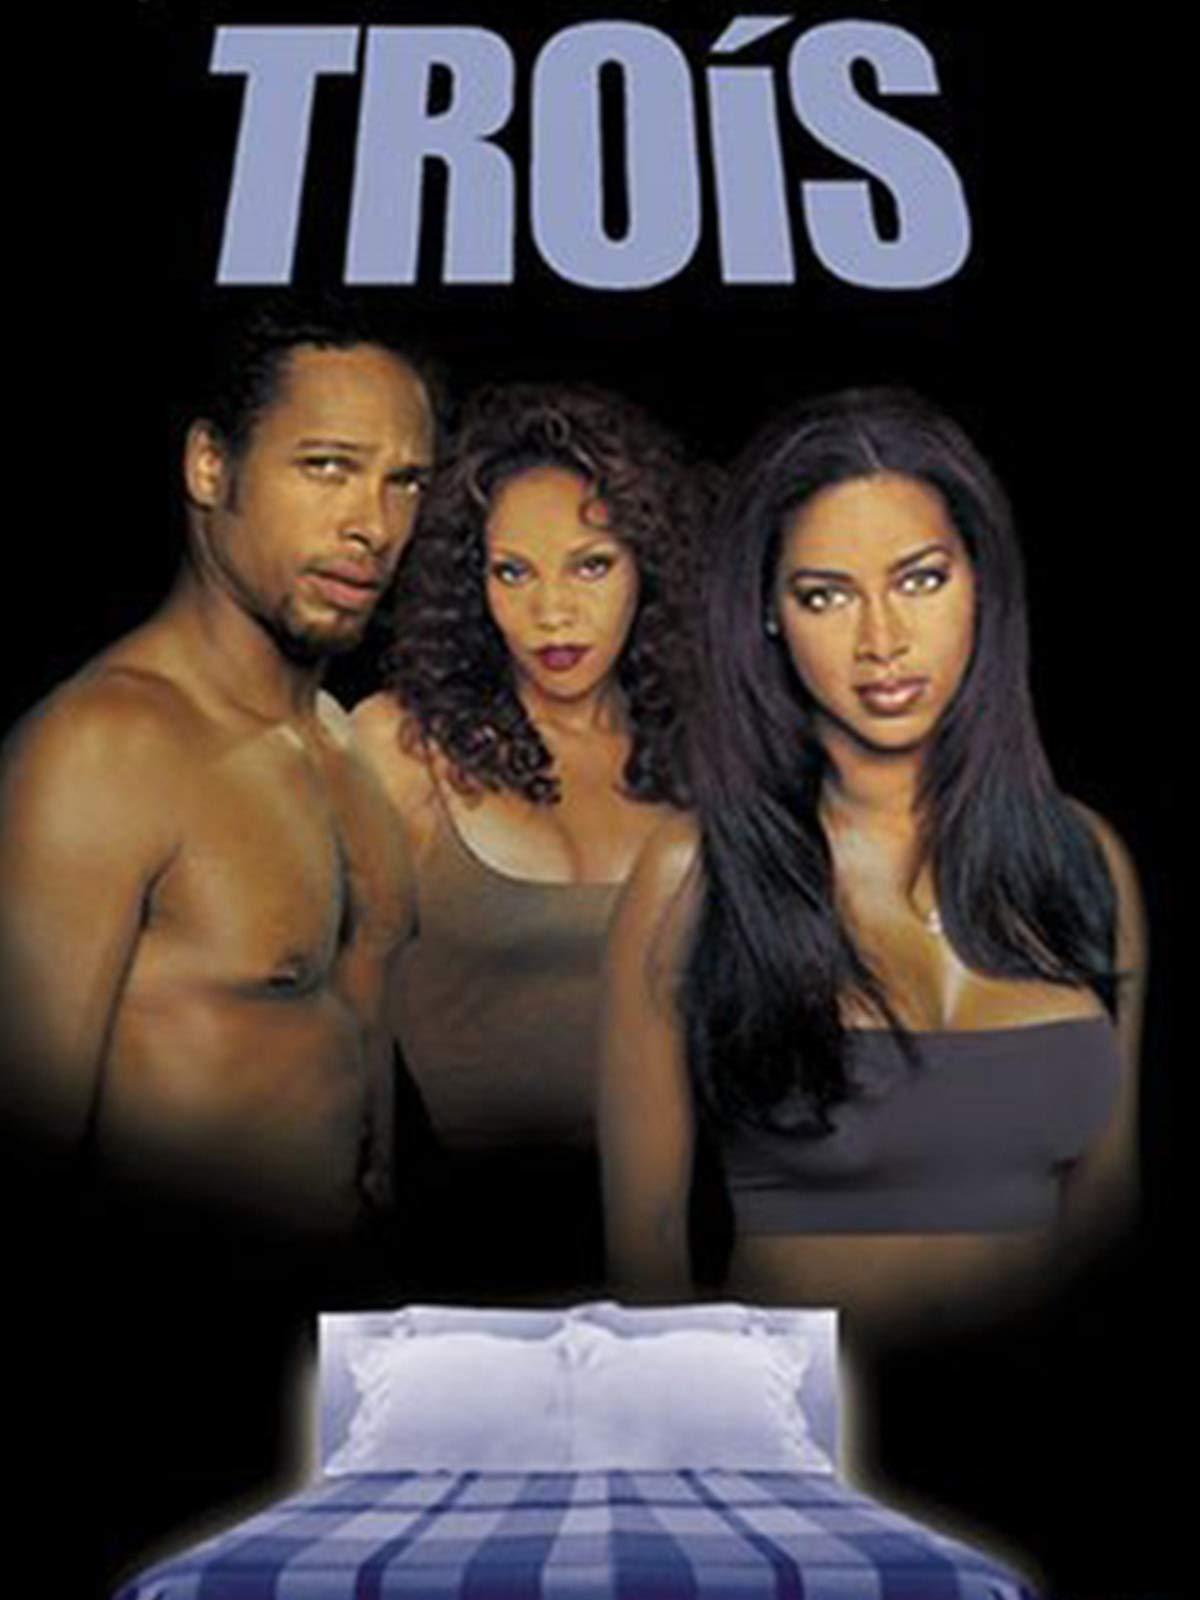 Trois on Amazon Prime Video UK